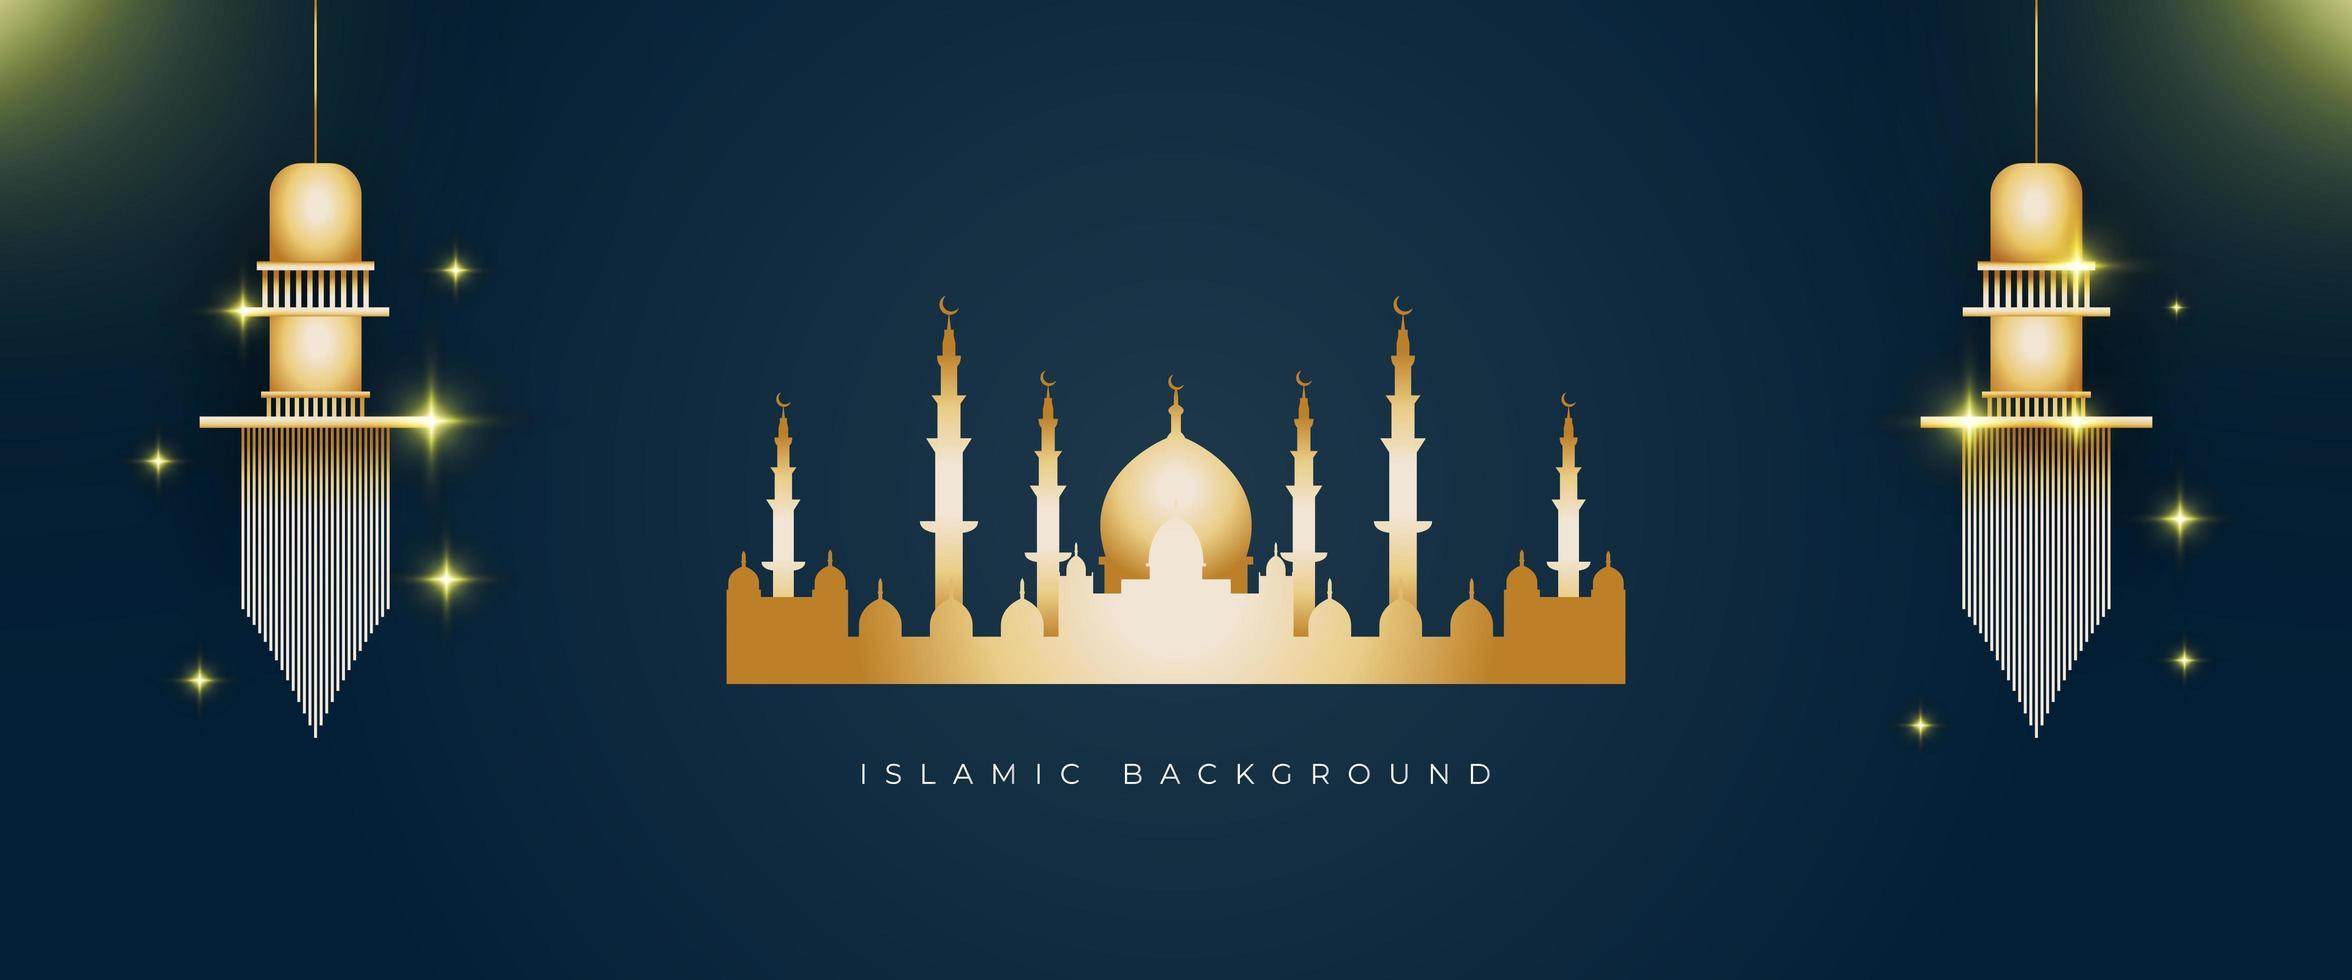 fondo islámico con color dorado vector